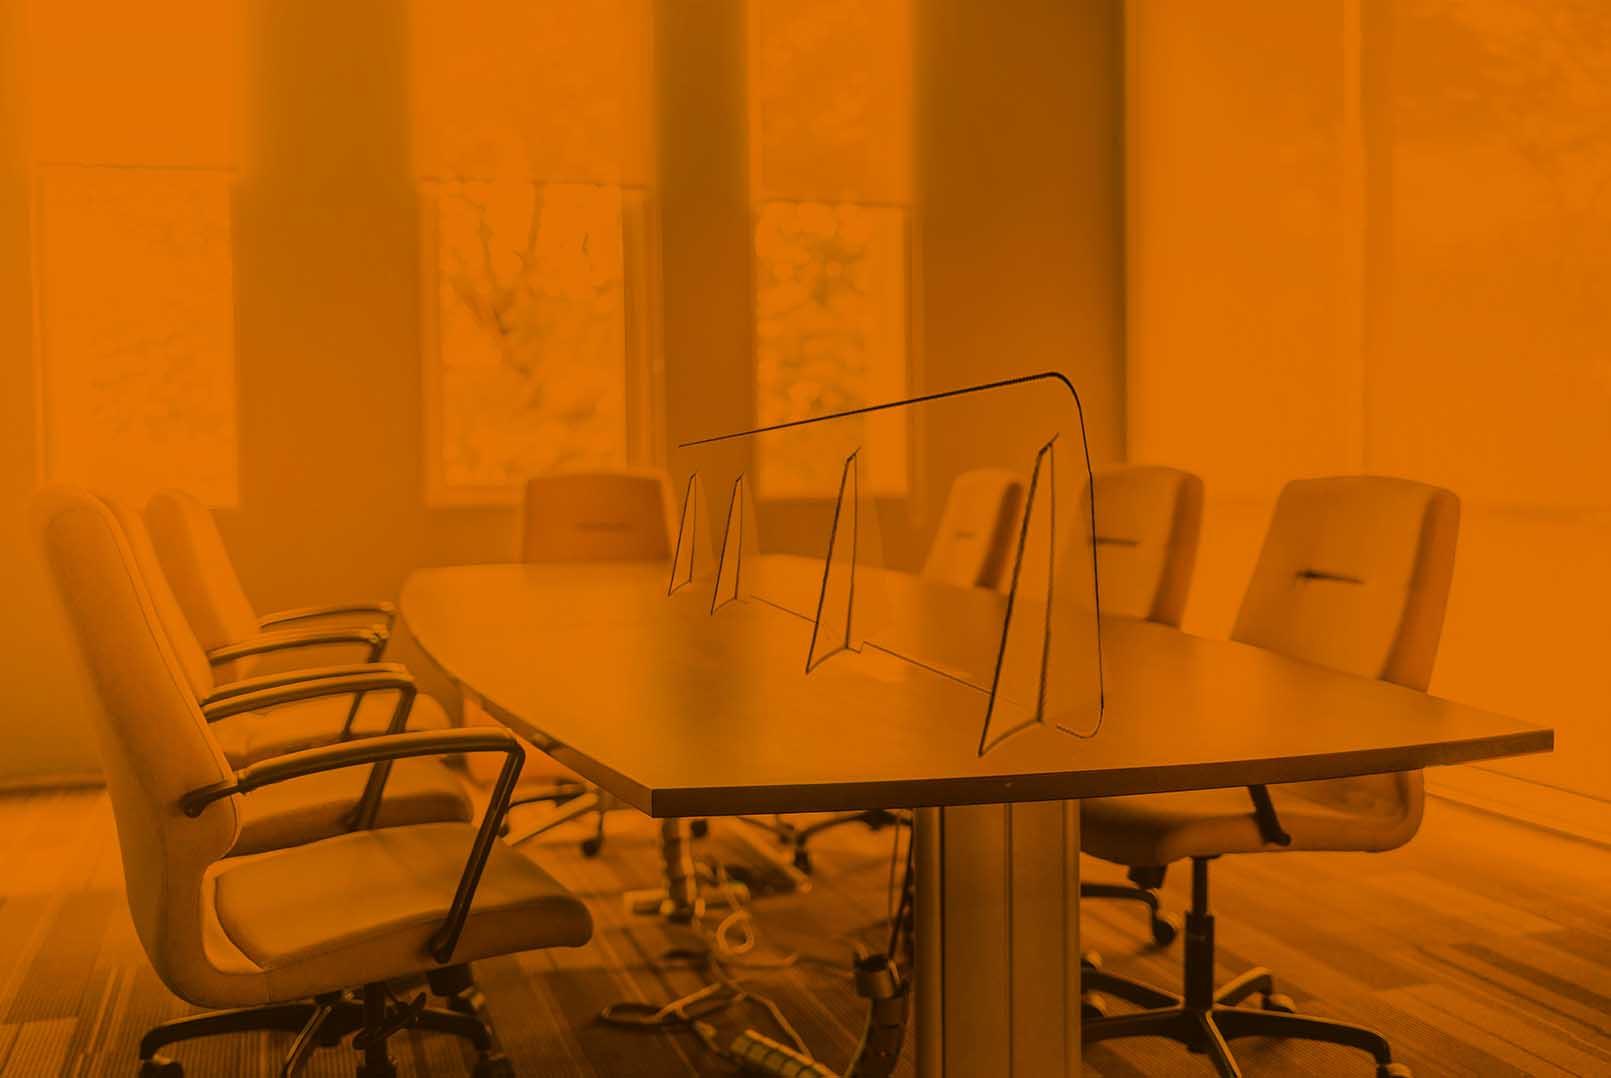 Divisore in plexiglass per scrivanie ufficio, meeting room, front office